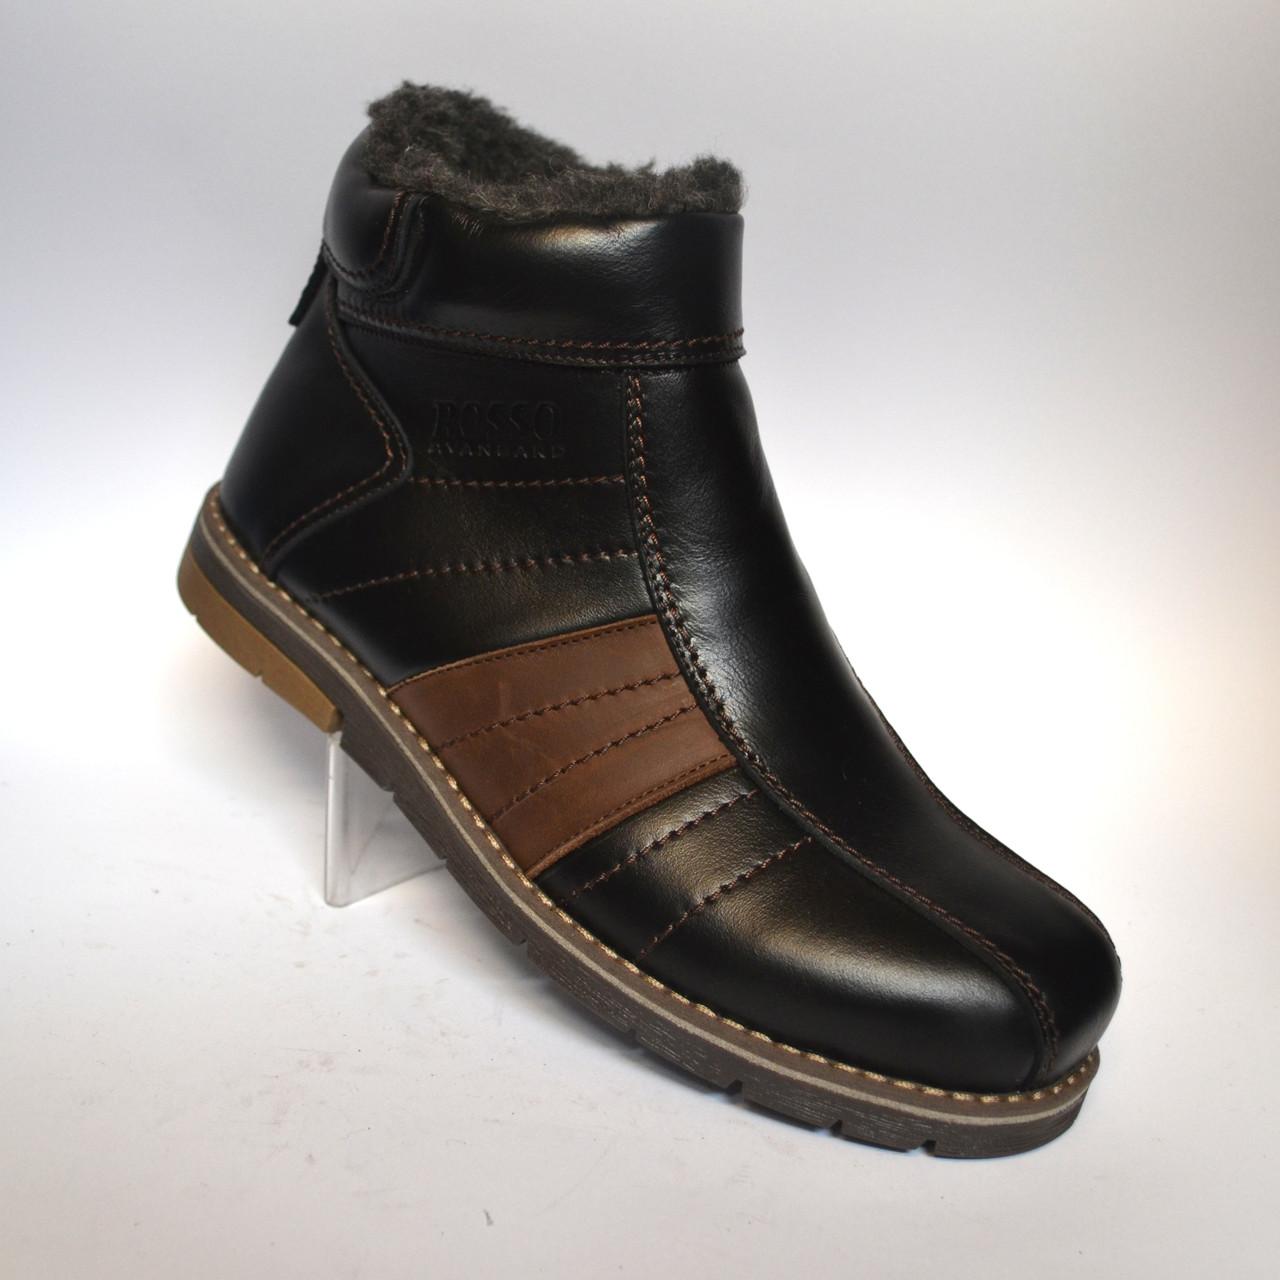 Большие размеры Кожаные зимние мужские ботинки Rosso Avangard #294 BS черные